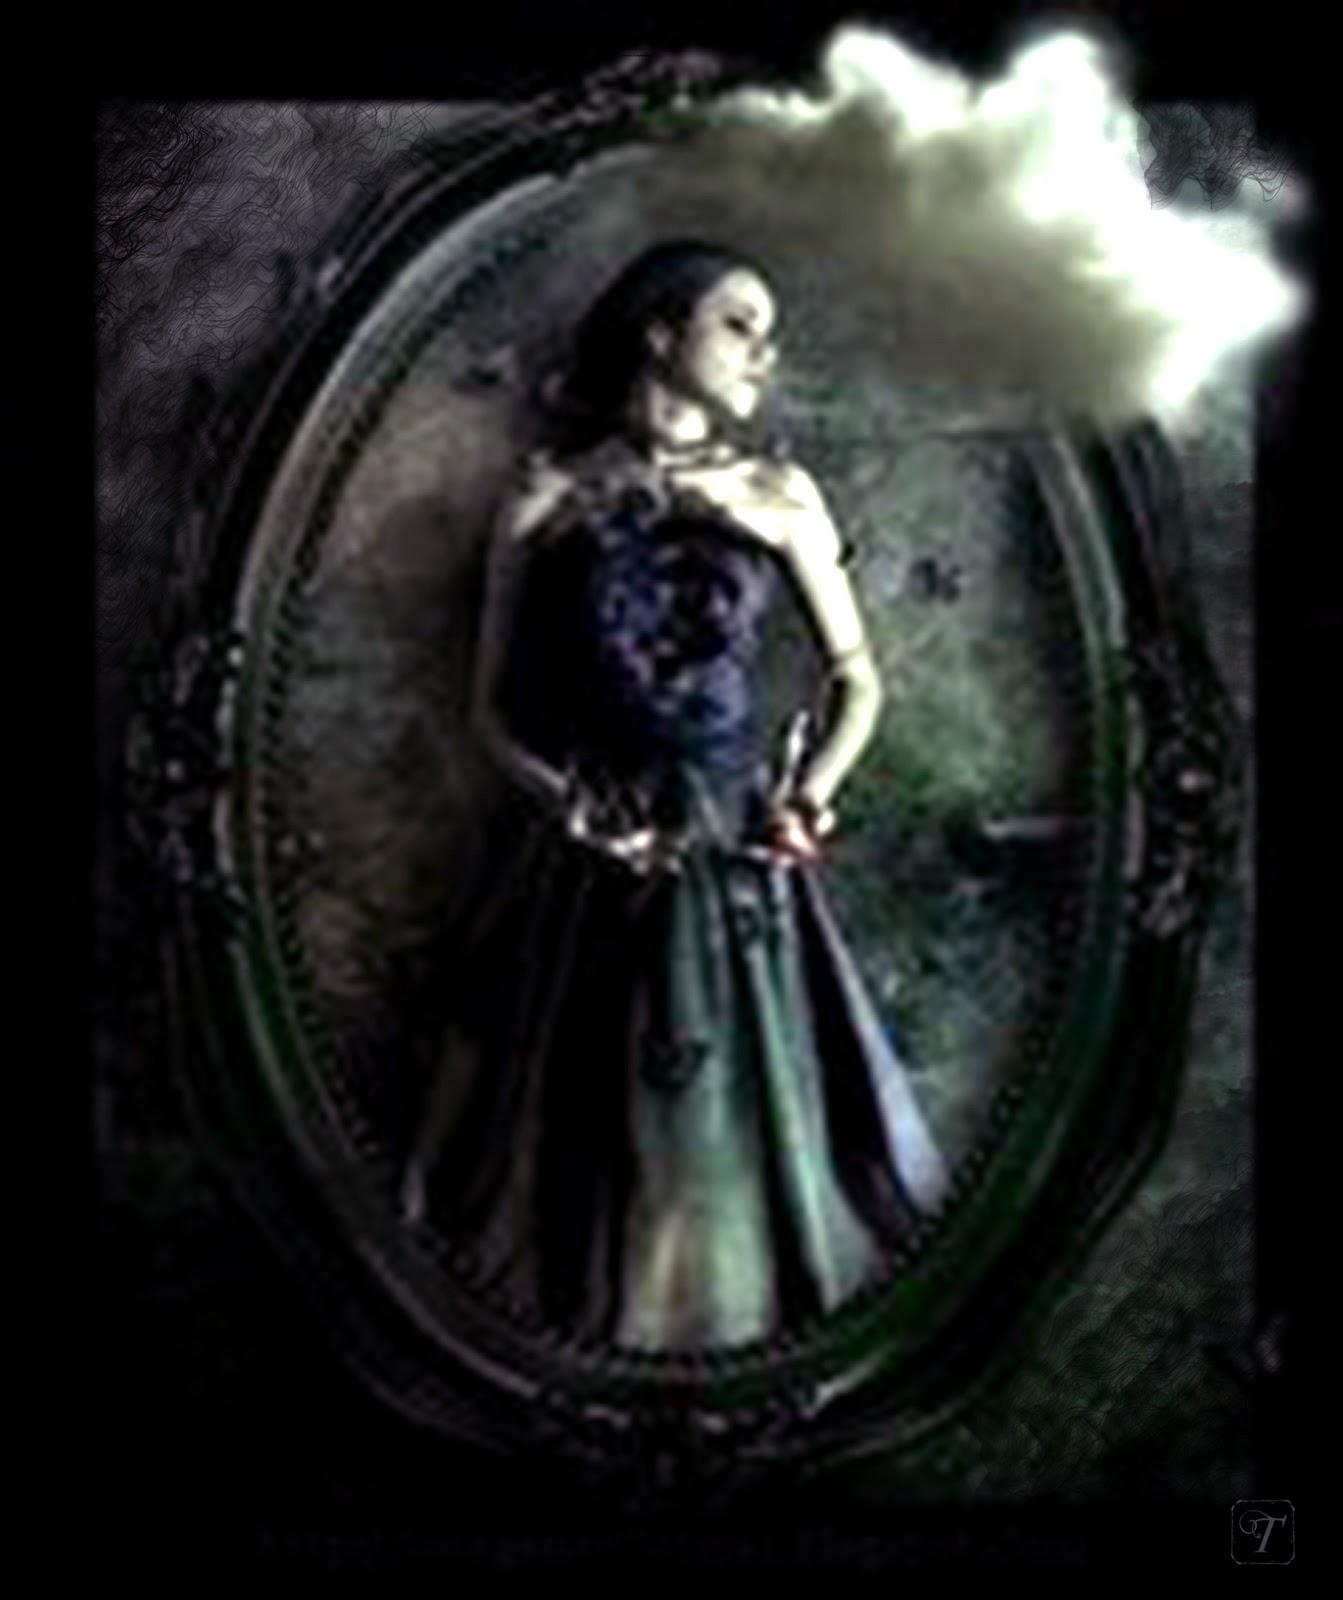 imagenes d lazo negro luto gratis para descargar